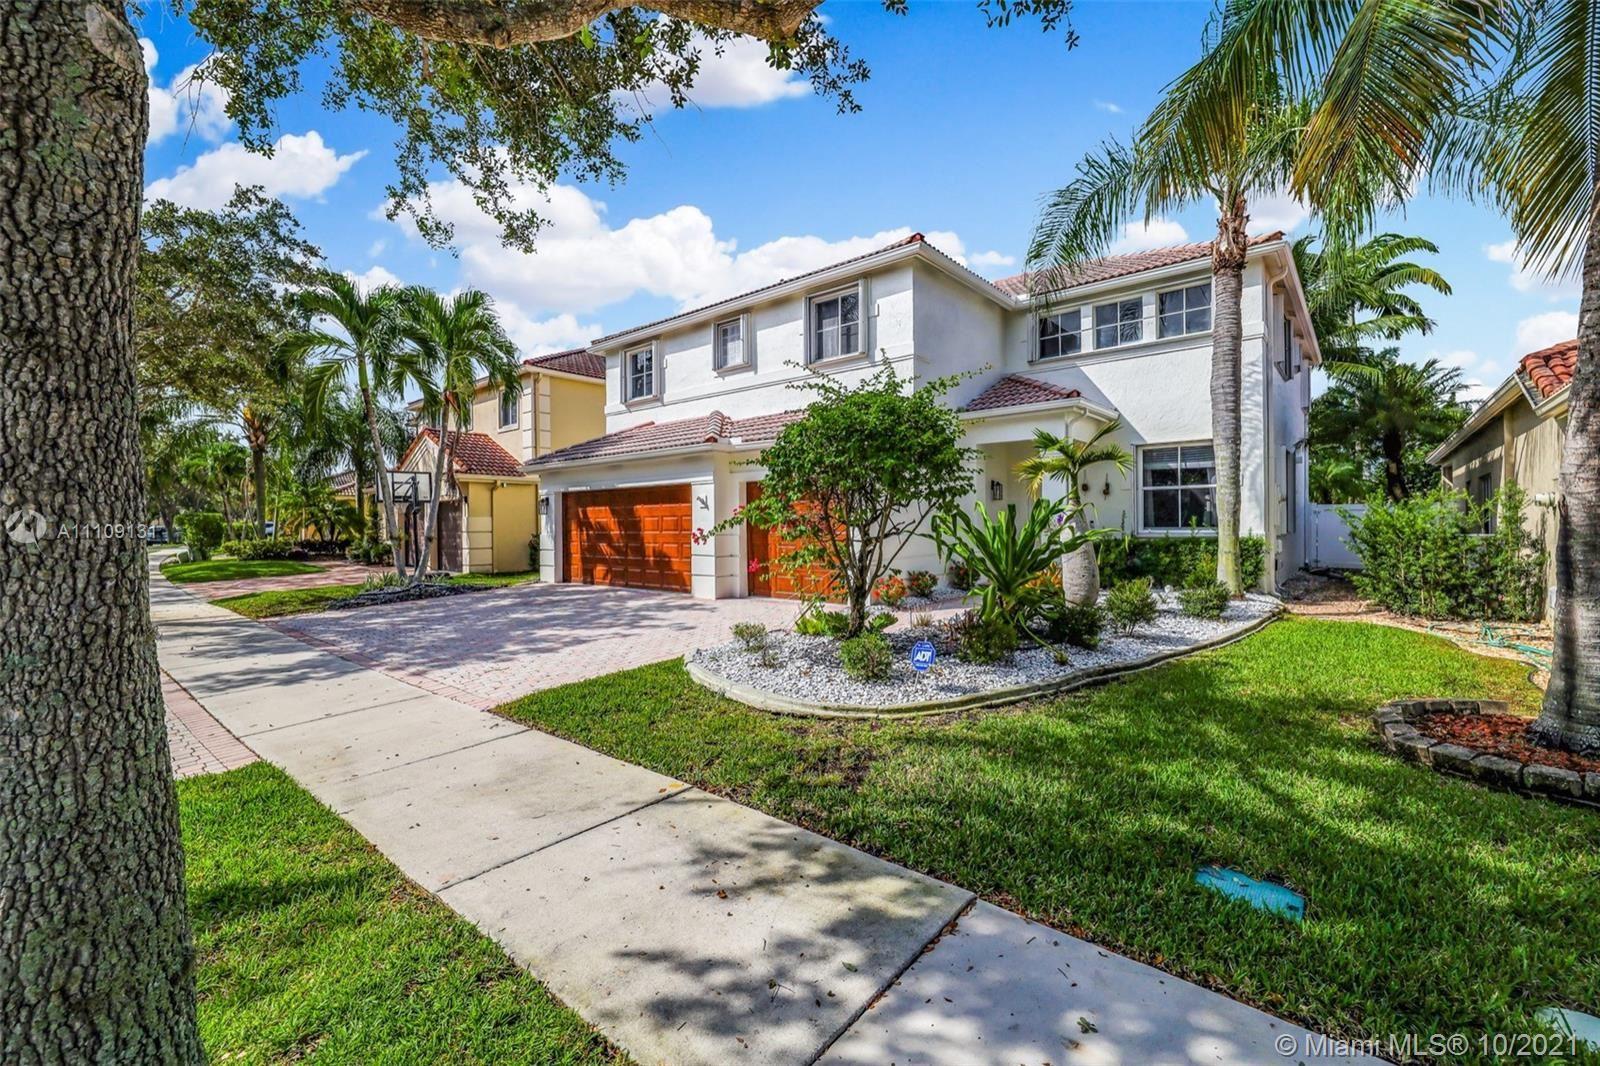 Photo of 1141 Birchwood Rd, Weston, FL 33327 (MLS # A11109131)